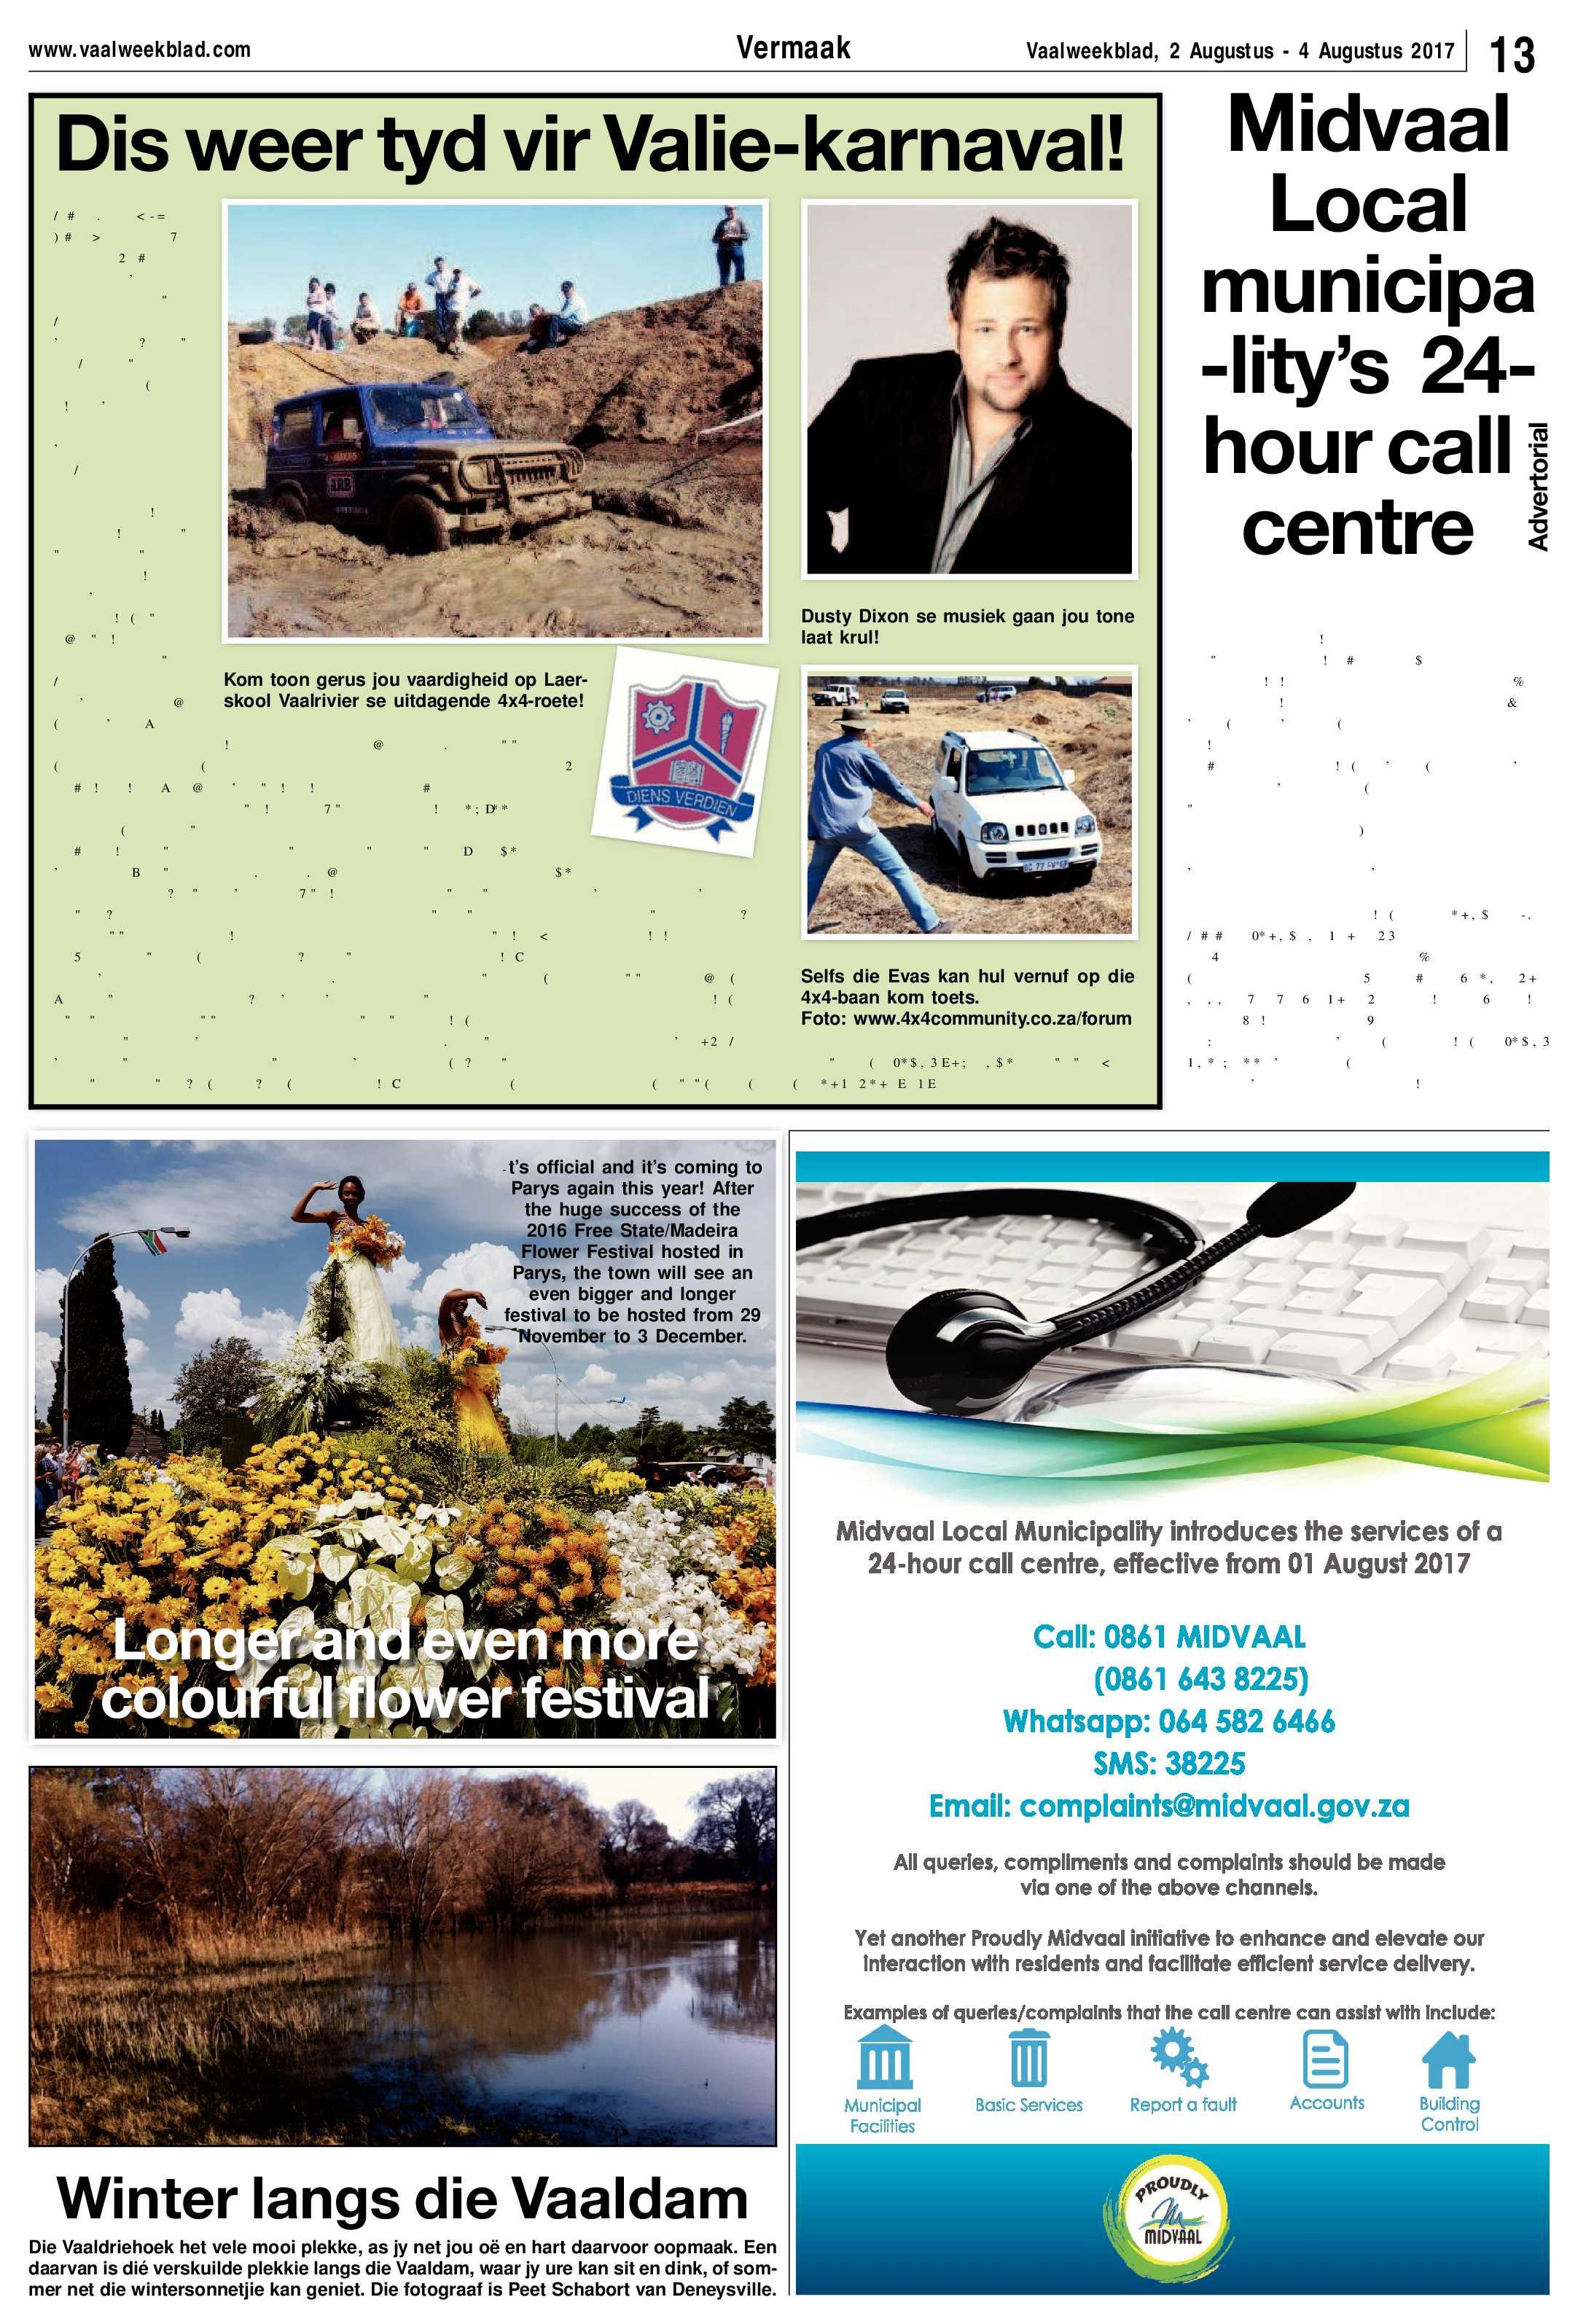 vaalweekblad-2-4-augustus-2017-epapers-page-13